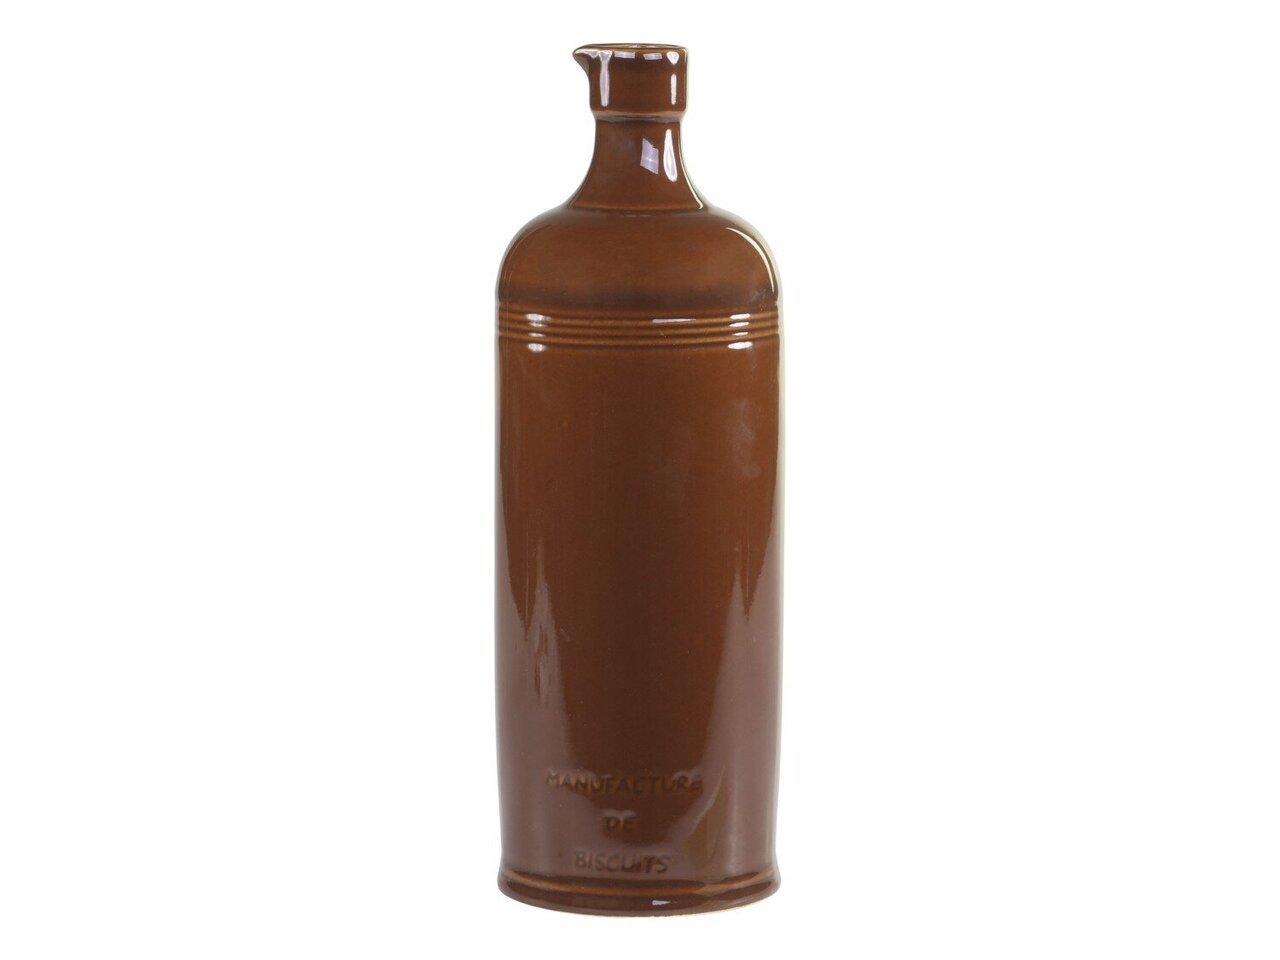 Chic Antique Alte französische Flasche mokka